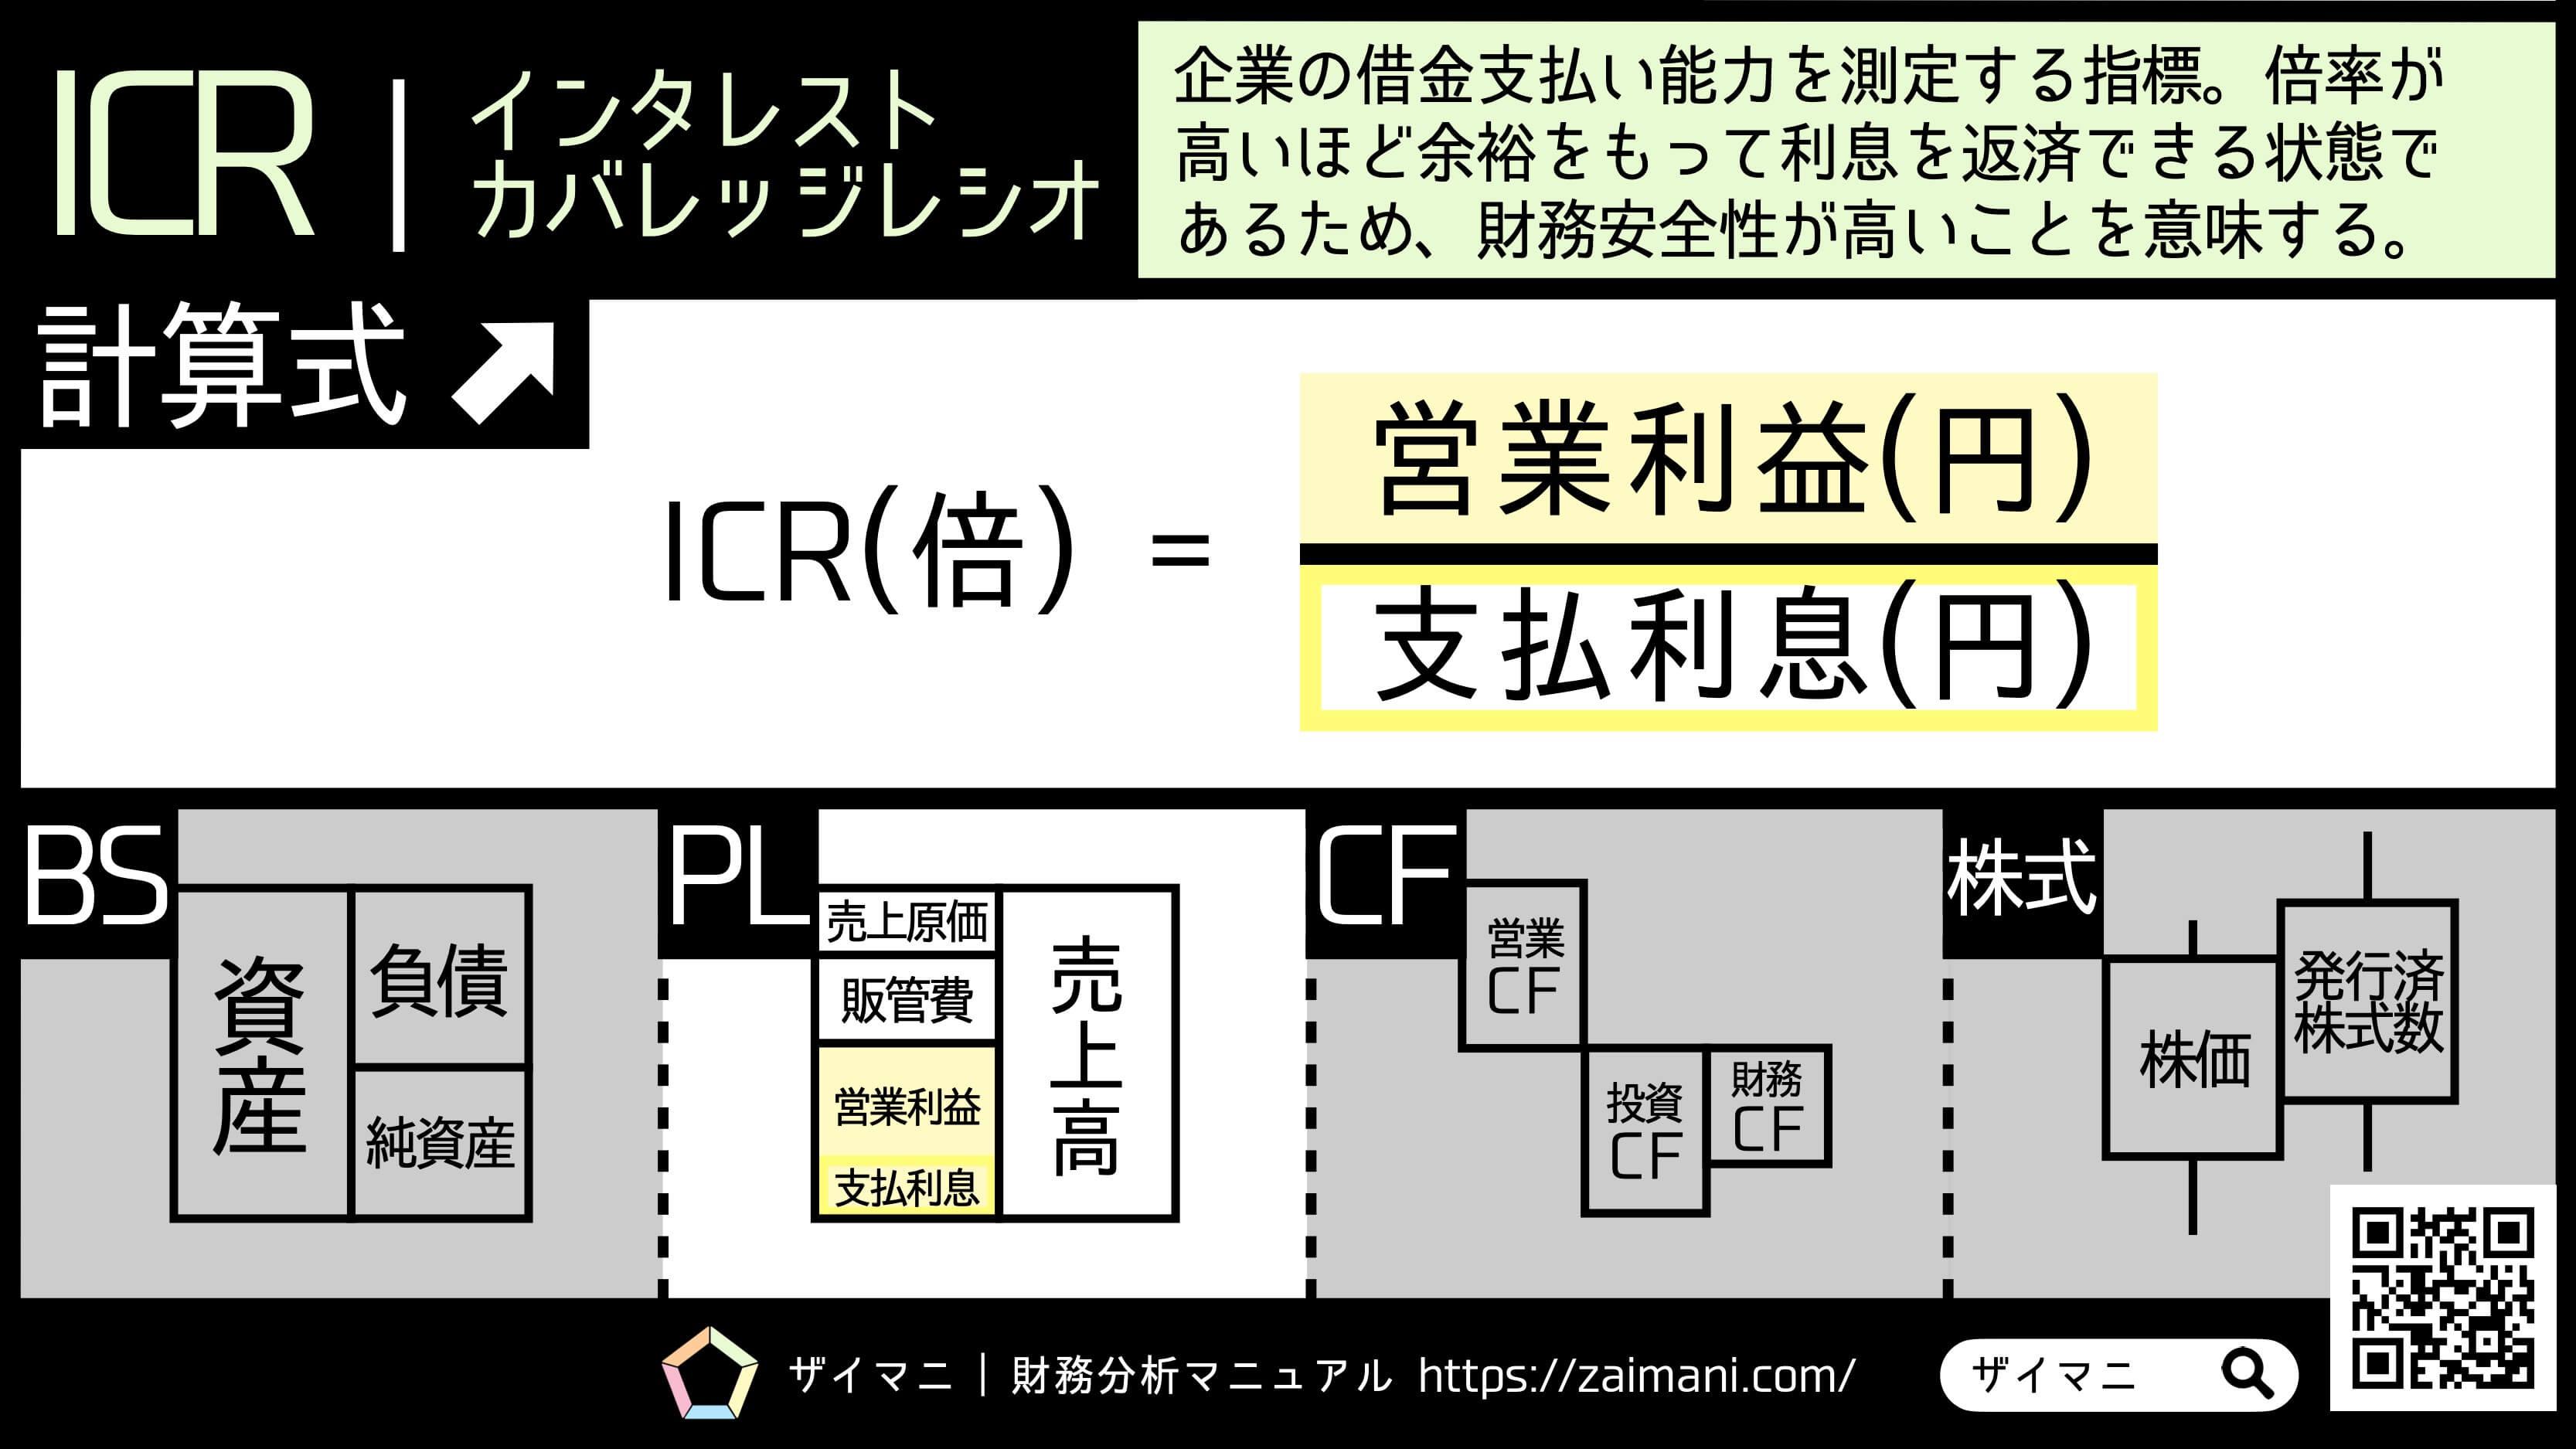 財務指標 | ICR | インタレストカバレッジレシオの意味・計算式